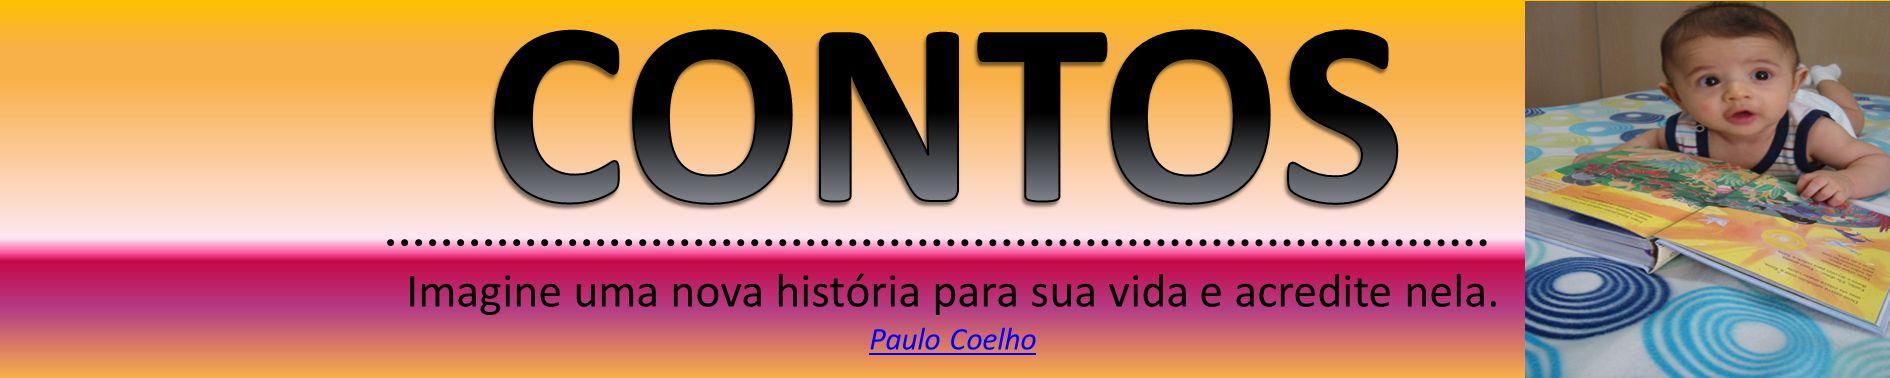 Imagine uma nova história para sua vida e acredite nela. Paulo Coelho Paulo Coelho